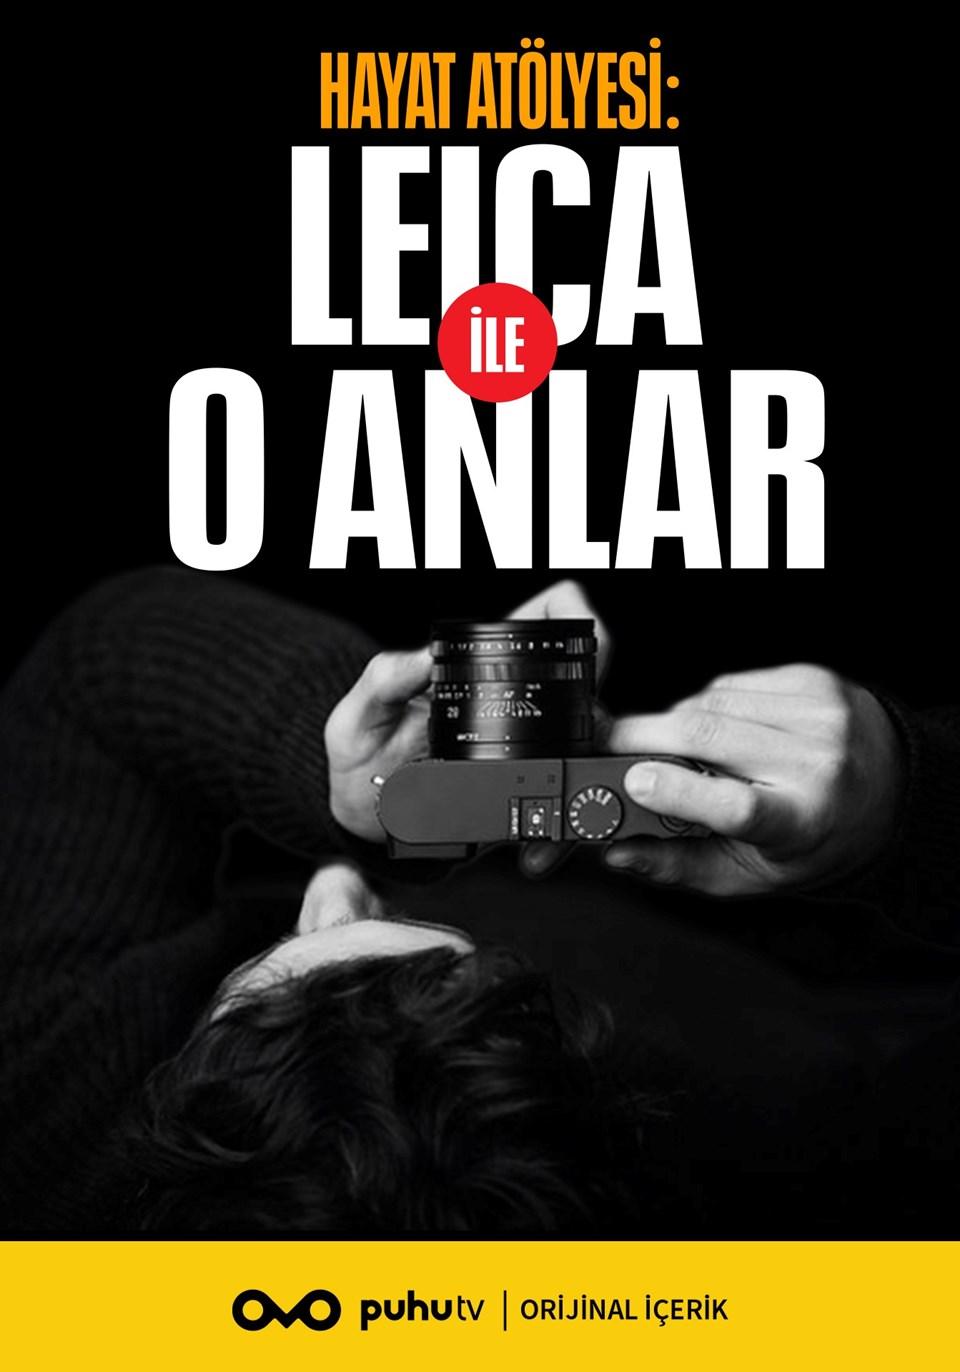 Hayat Atölyesi: Leica ile O Anlar, 14 Eylül Salı'dan itibaren puhutv'de.